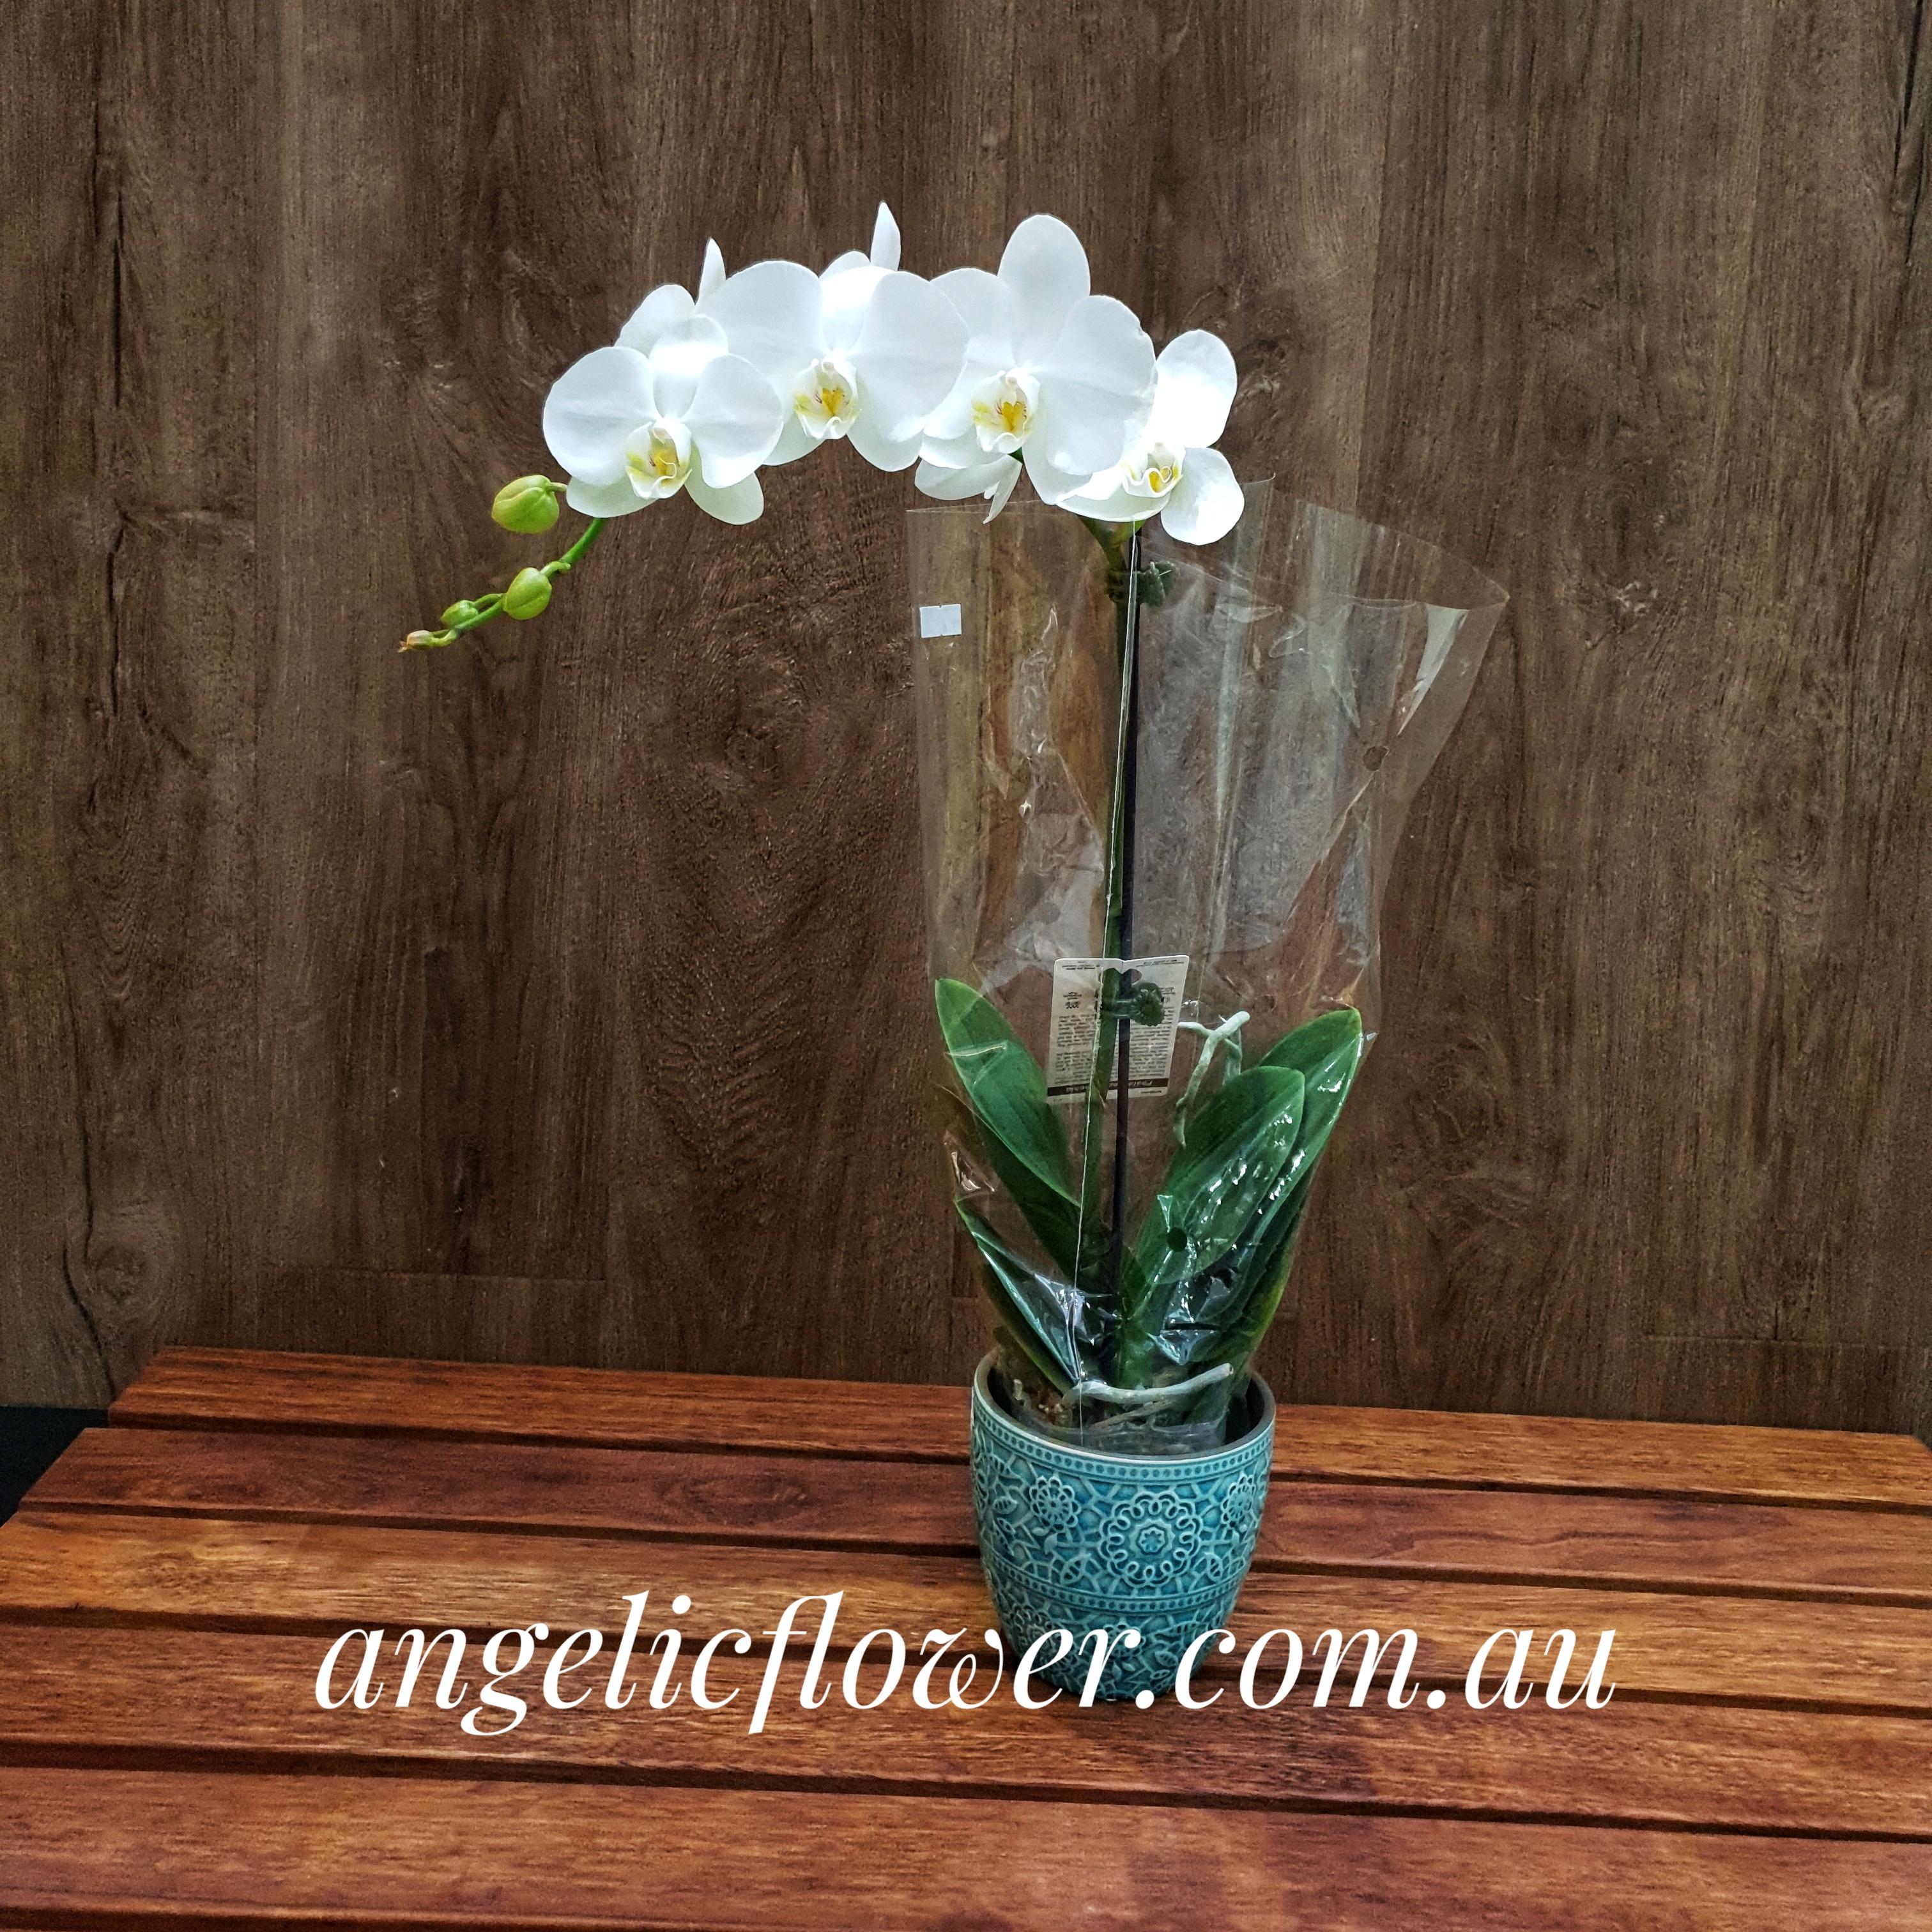 瓷砖送货单_1棵单枝3寸白色蝴蝶兰配陶瓷花盘 - Angelic Flower 爱丽花店